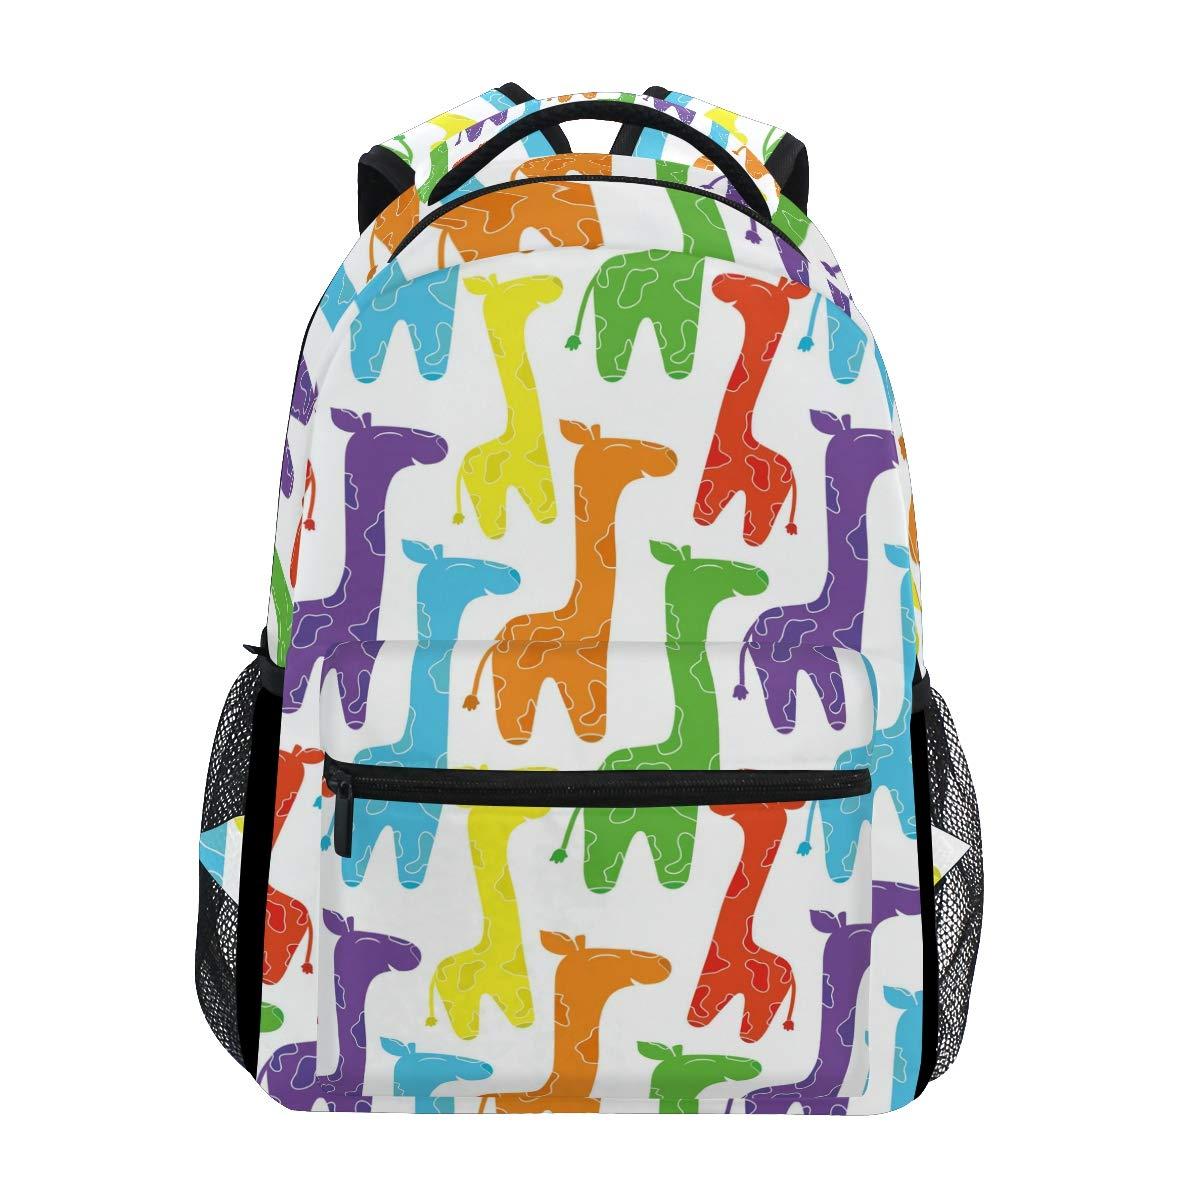 DOSHINE g15906662p203c237s337, Zainetto per bambini Unisex adulti Multicolore Multicolore 11.5''x8''x16''